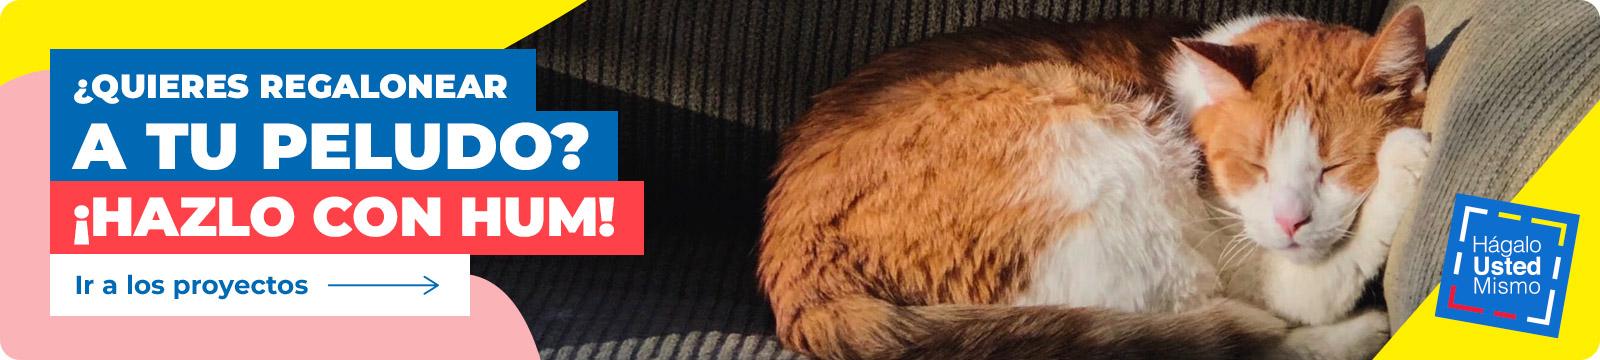 gato naranjo con blanco recostado en sillón durmiendo